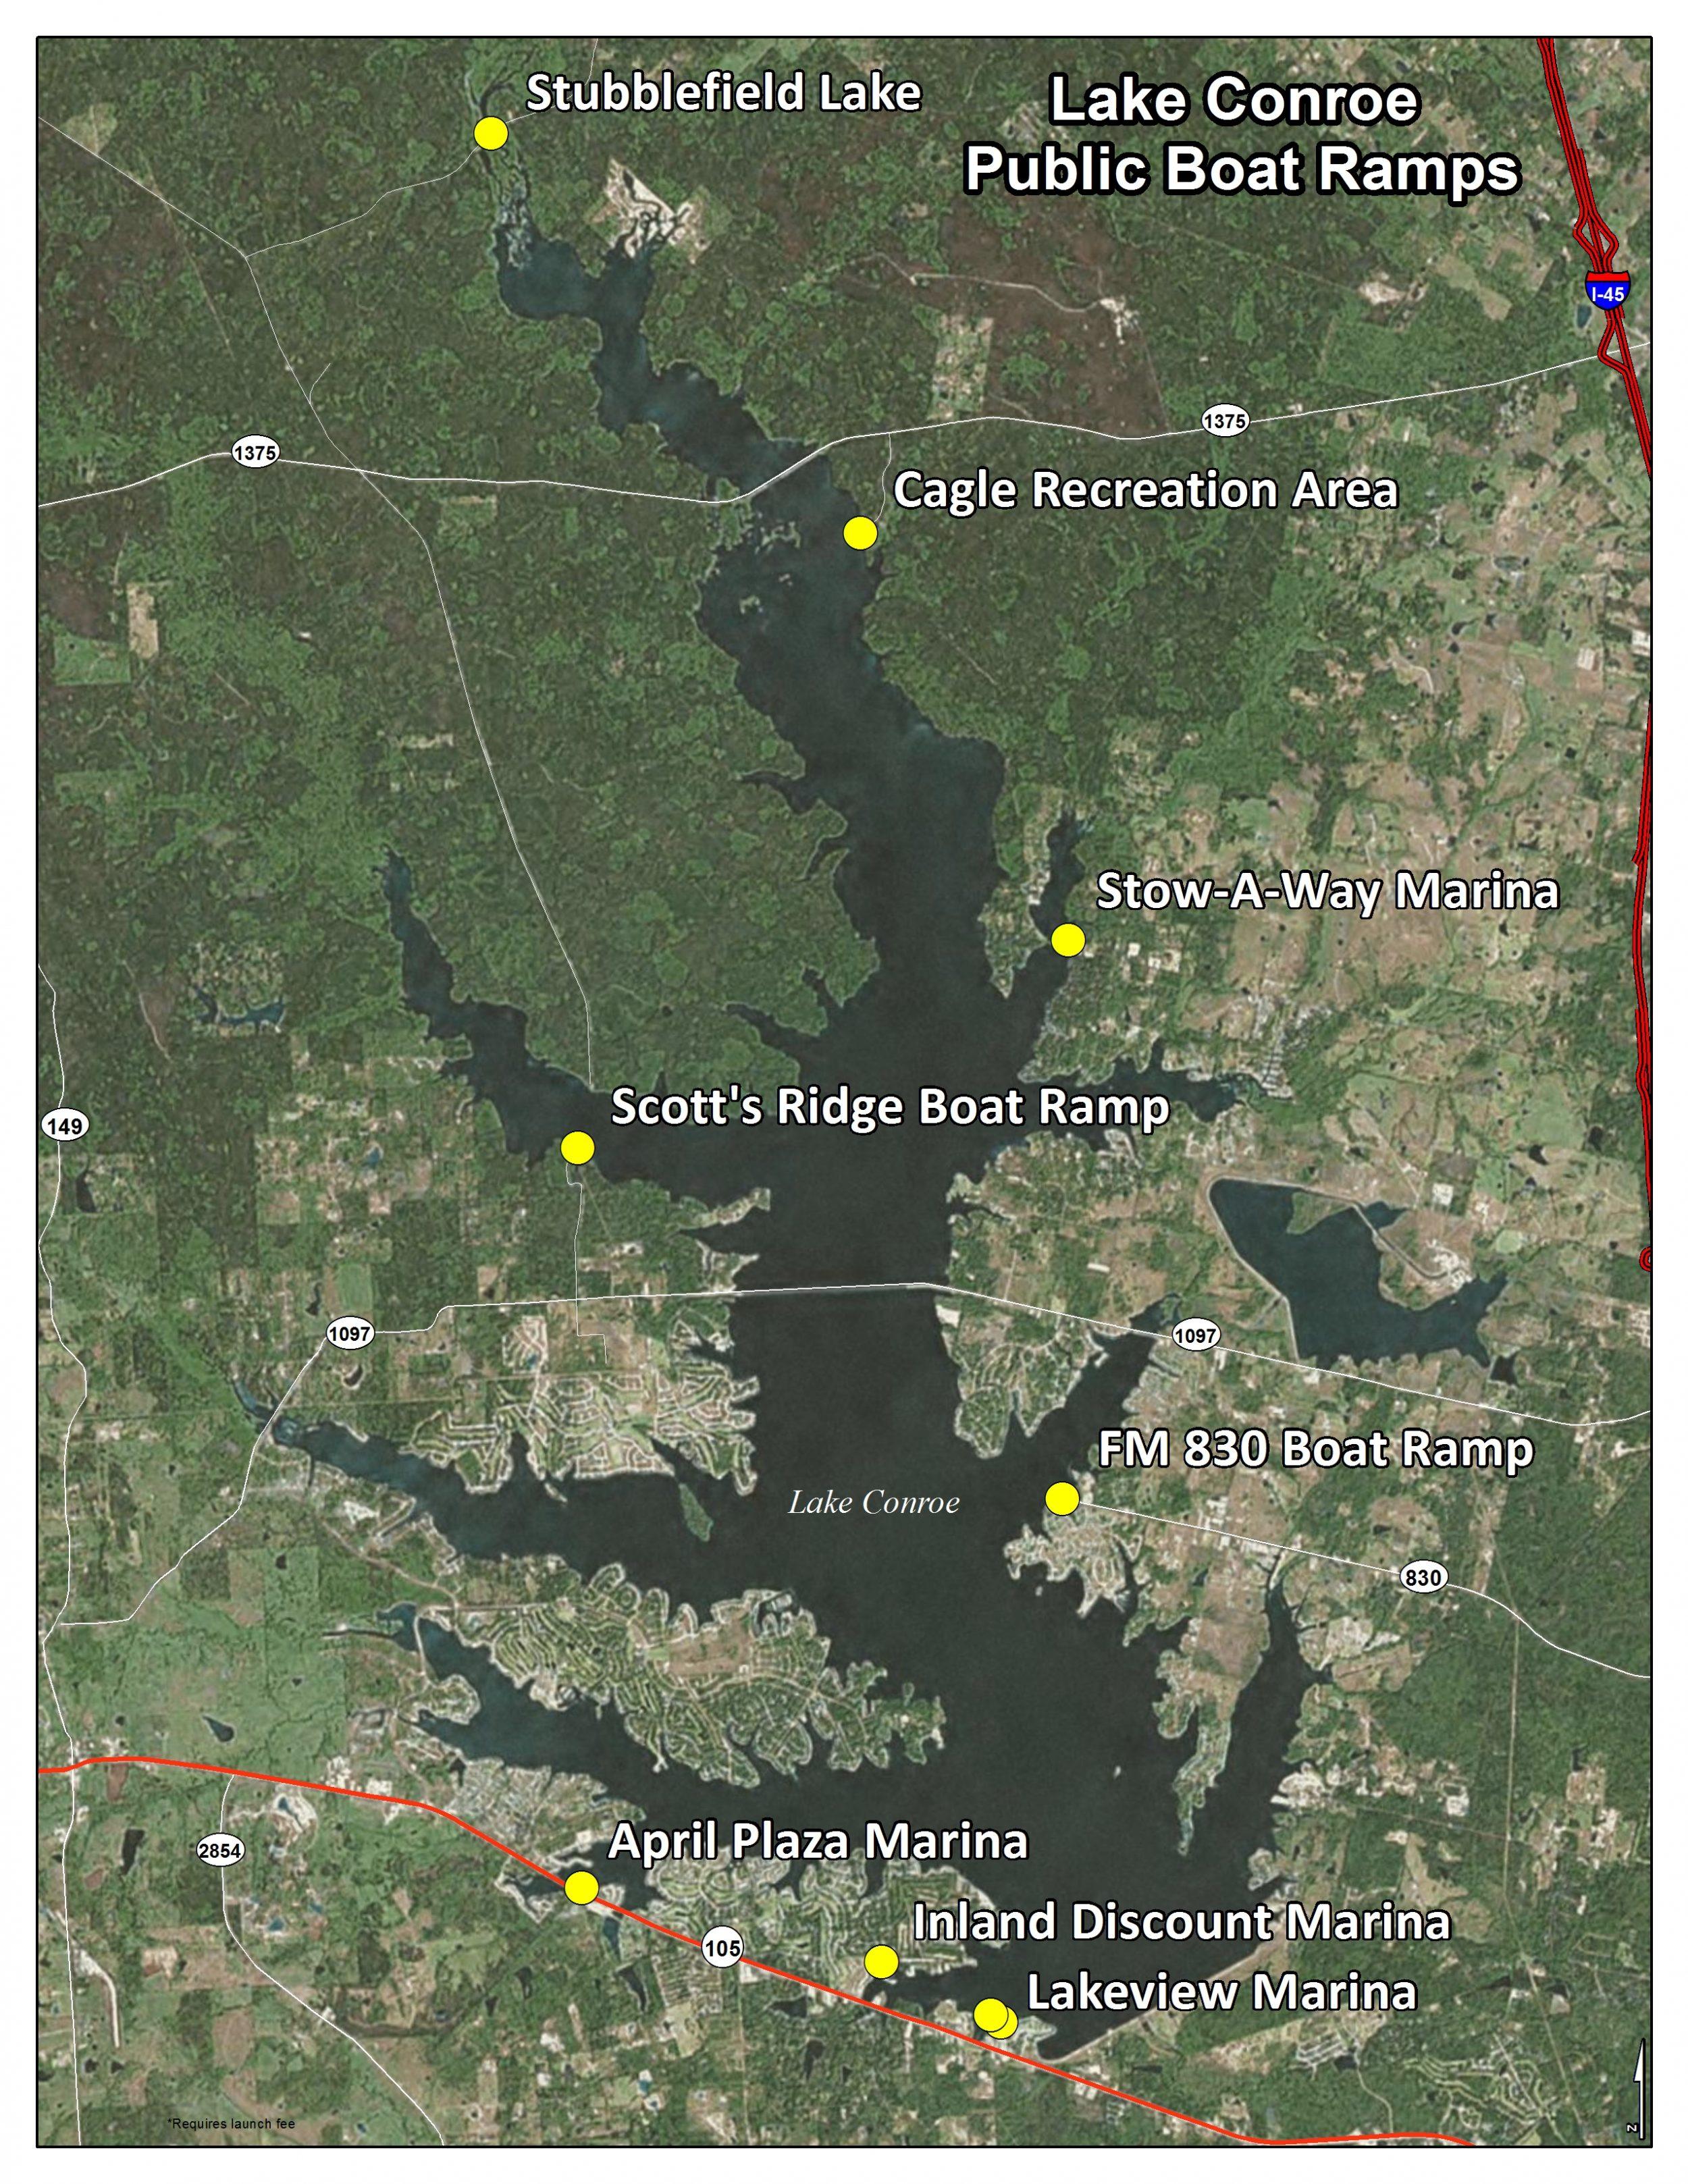 lake conroe texas map Public Boat Ramps On Lake Conroe San Jacinto River Authority lake conroe texas map